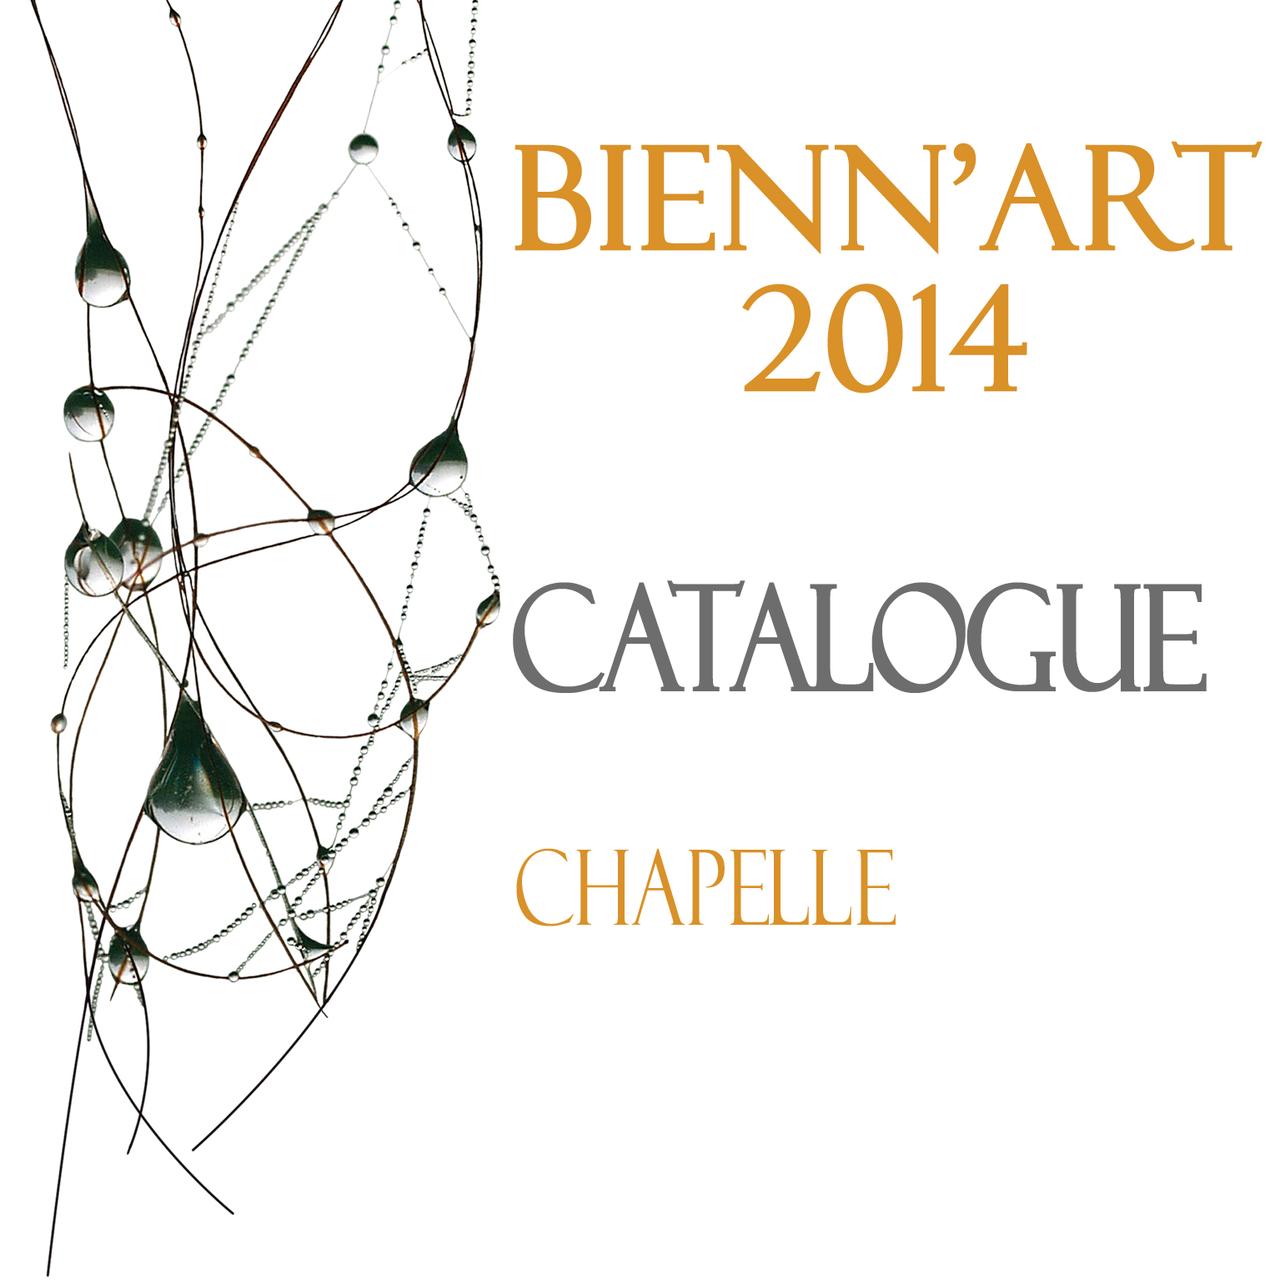 La chapelle - Bienn'Art 2014 - 12 au 15 juin 2014 Tournon-sur-Rhône